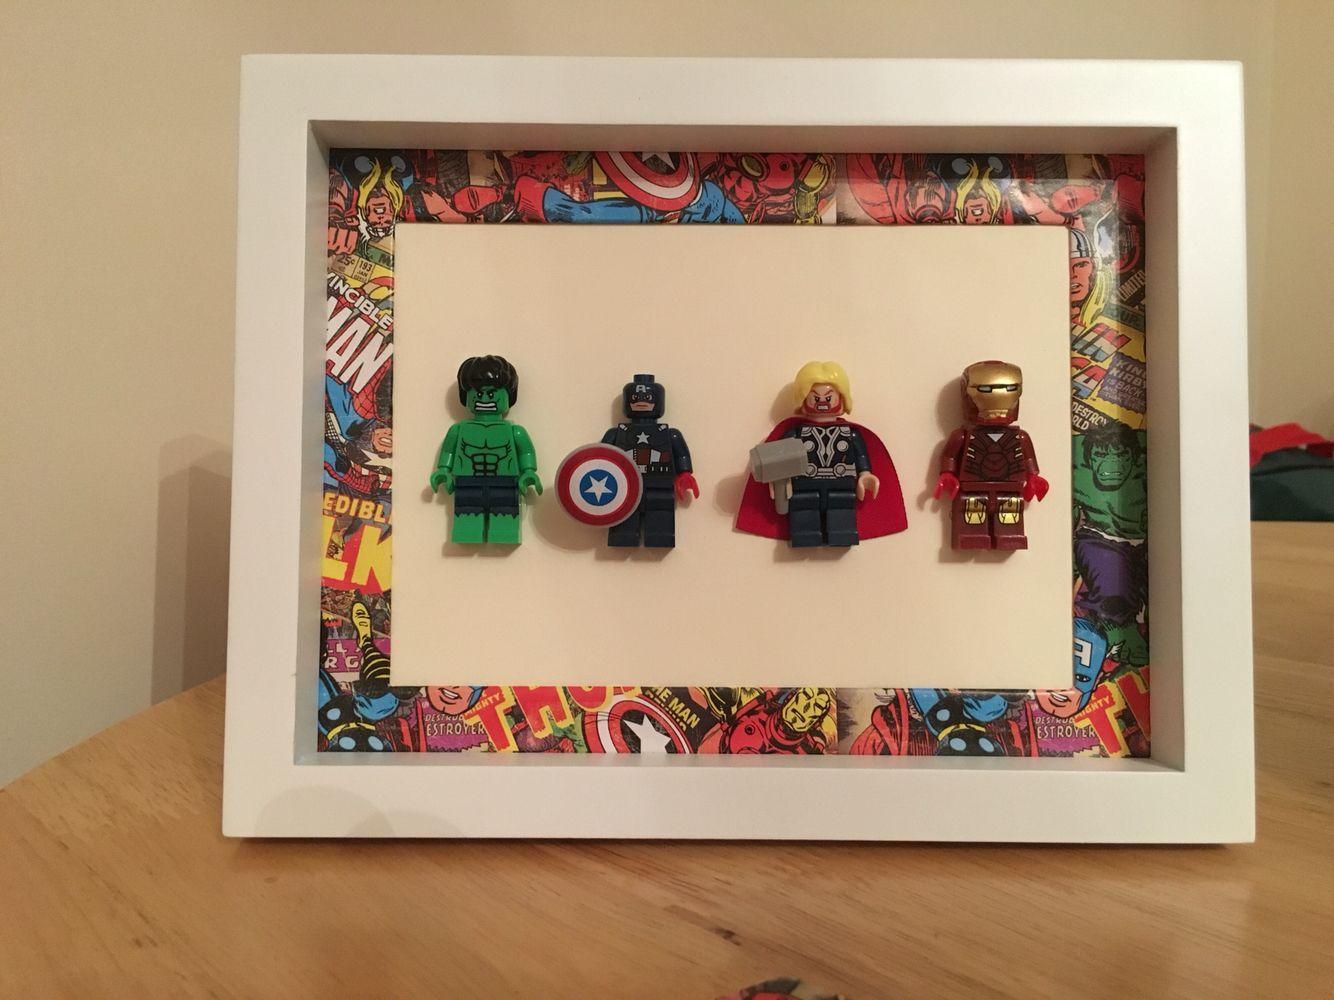 Lego Avengers Rahmen Avengers Lego Rahmen Lego Frame